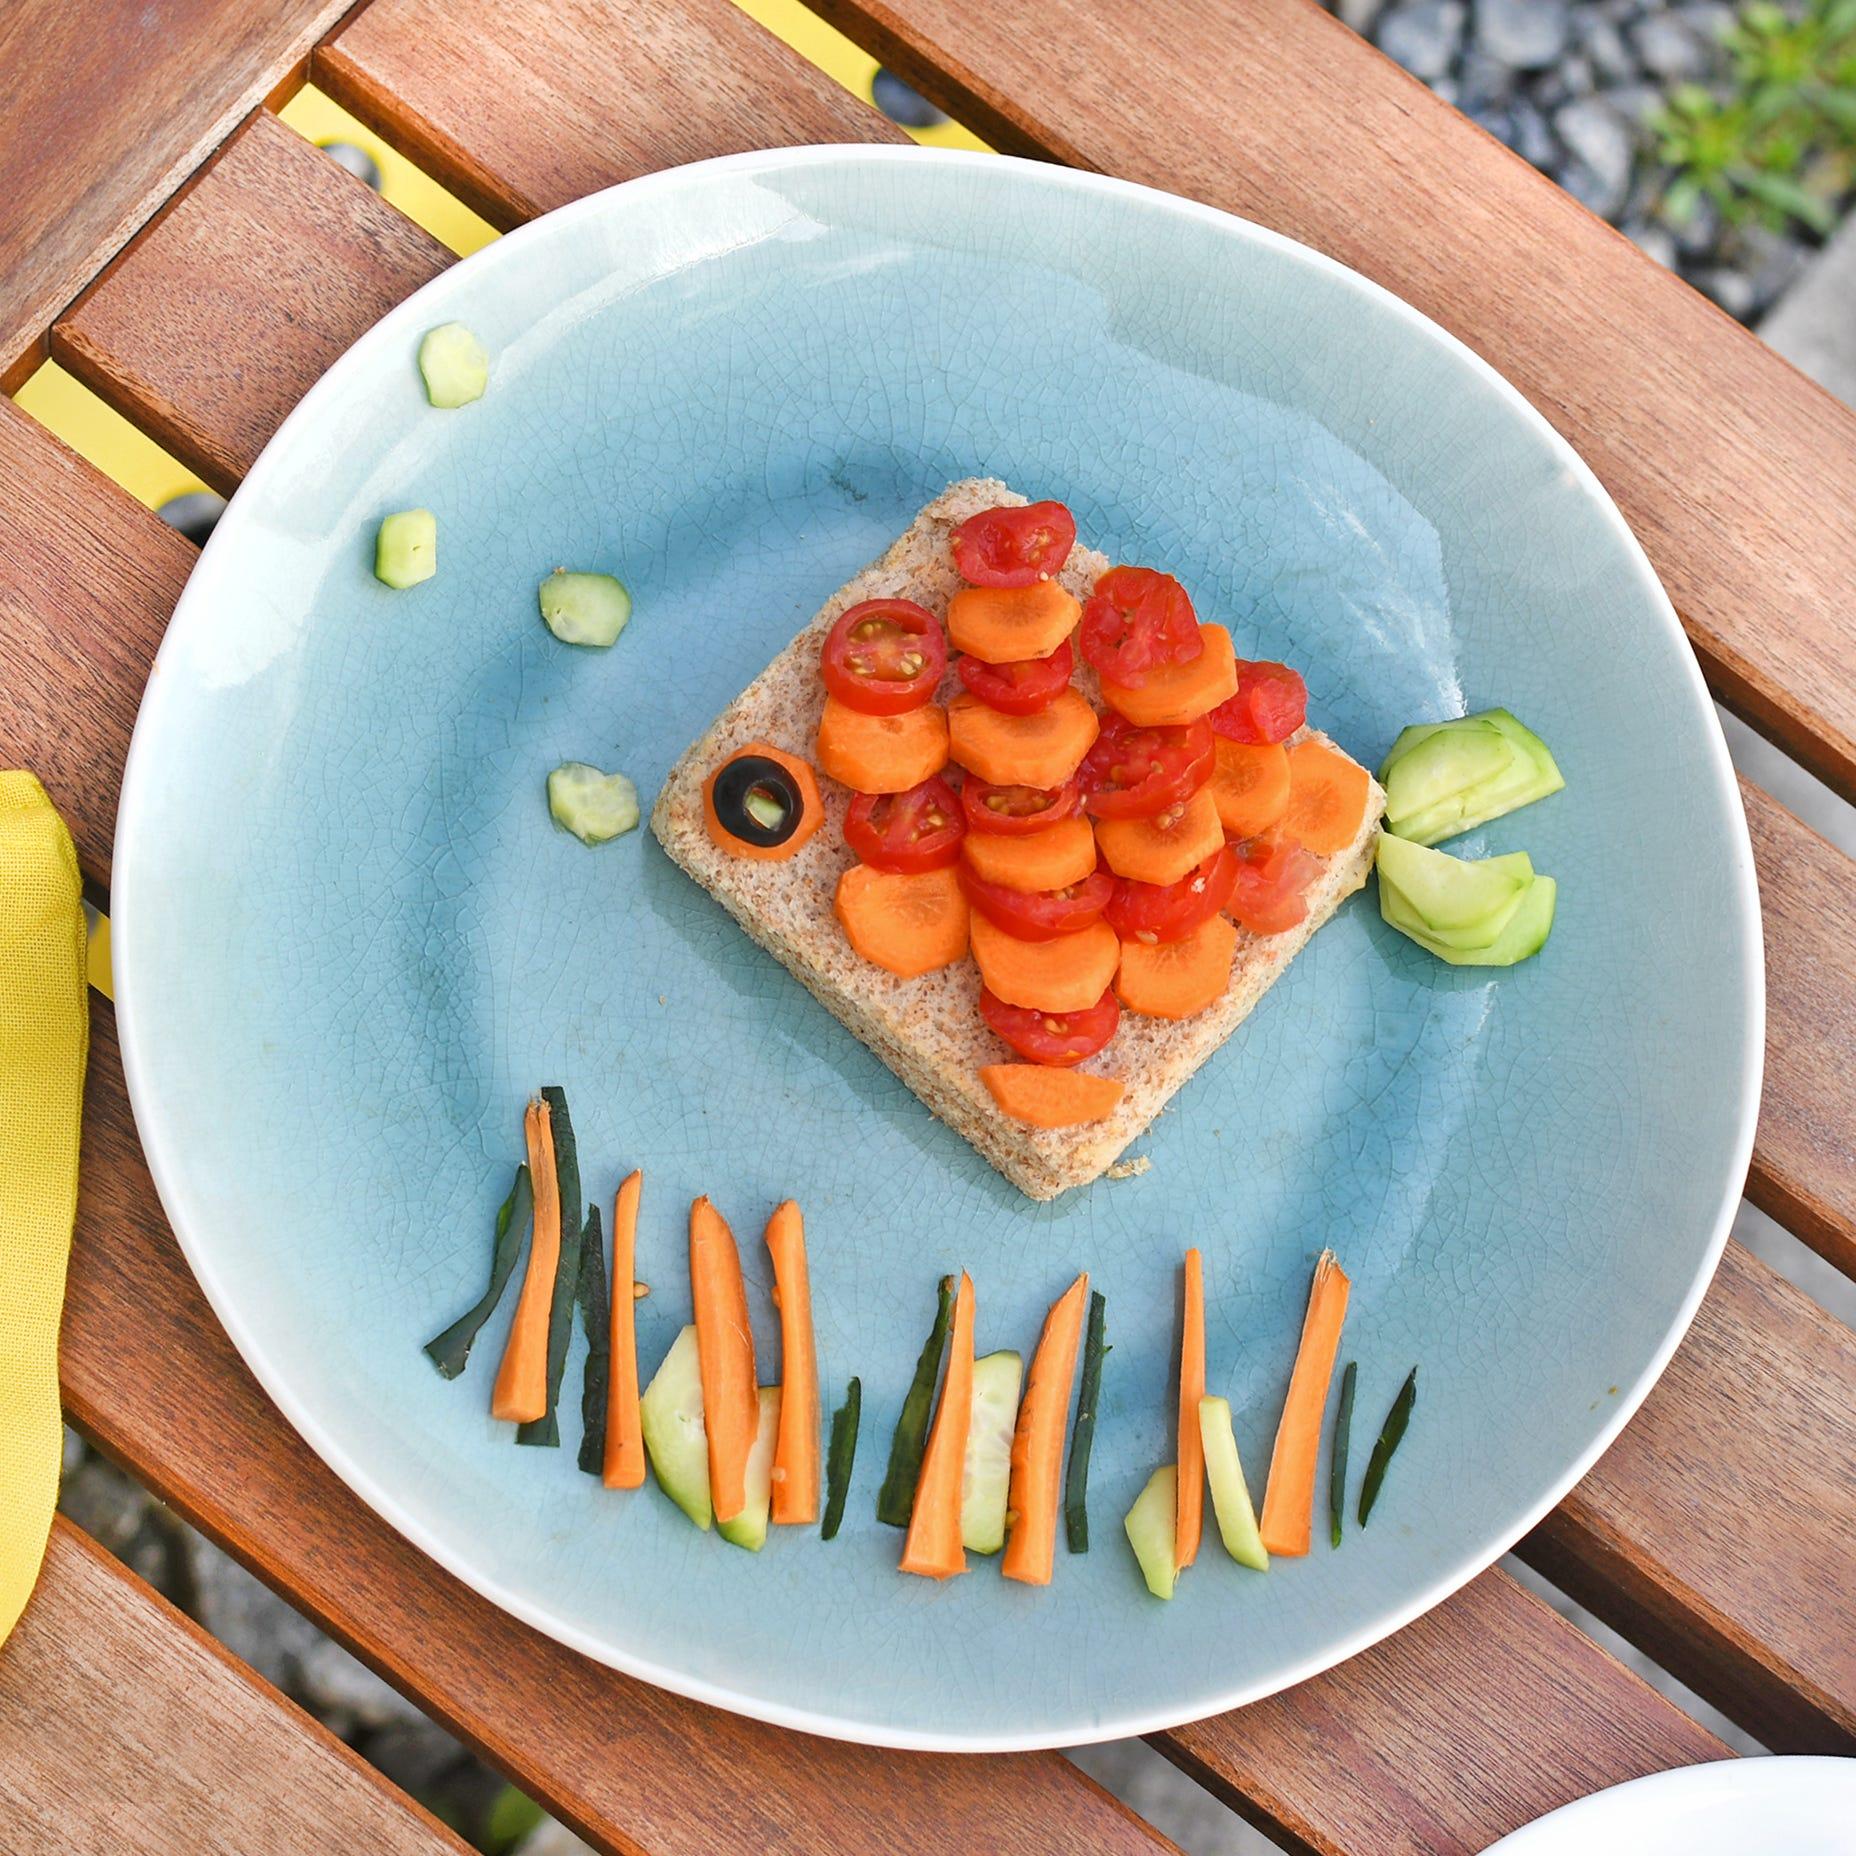 Un sandwich sain en forme de poisson : l'idéal pour les pique-niques de vos vacances !